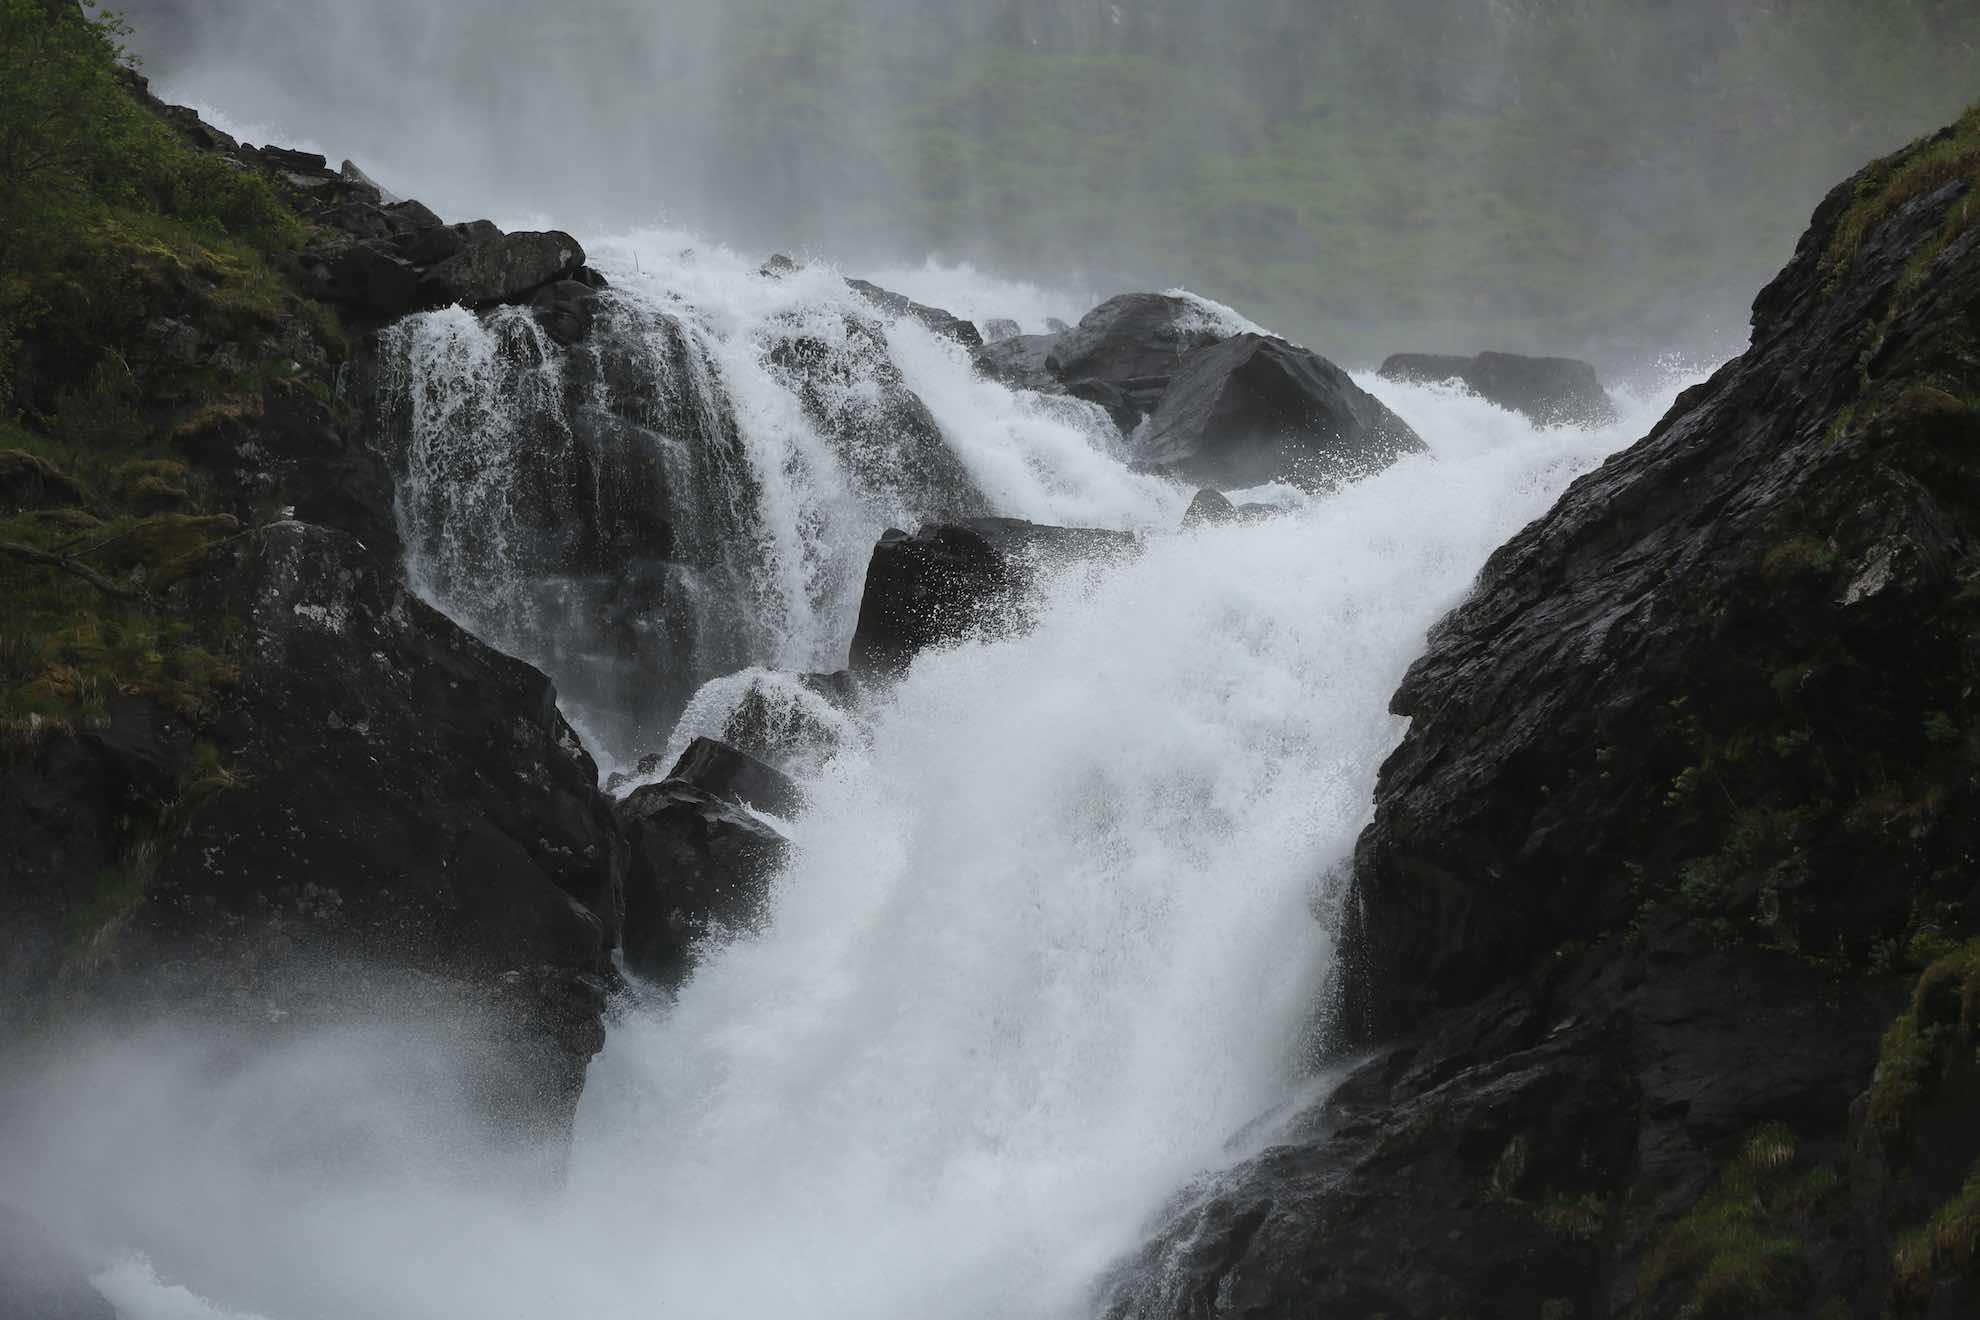 Das Wasser schießt die Felsen hinab.